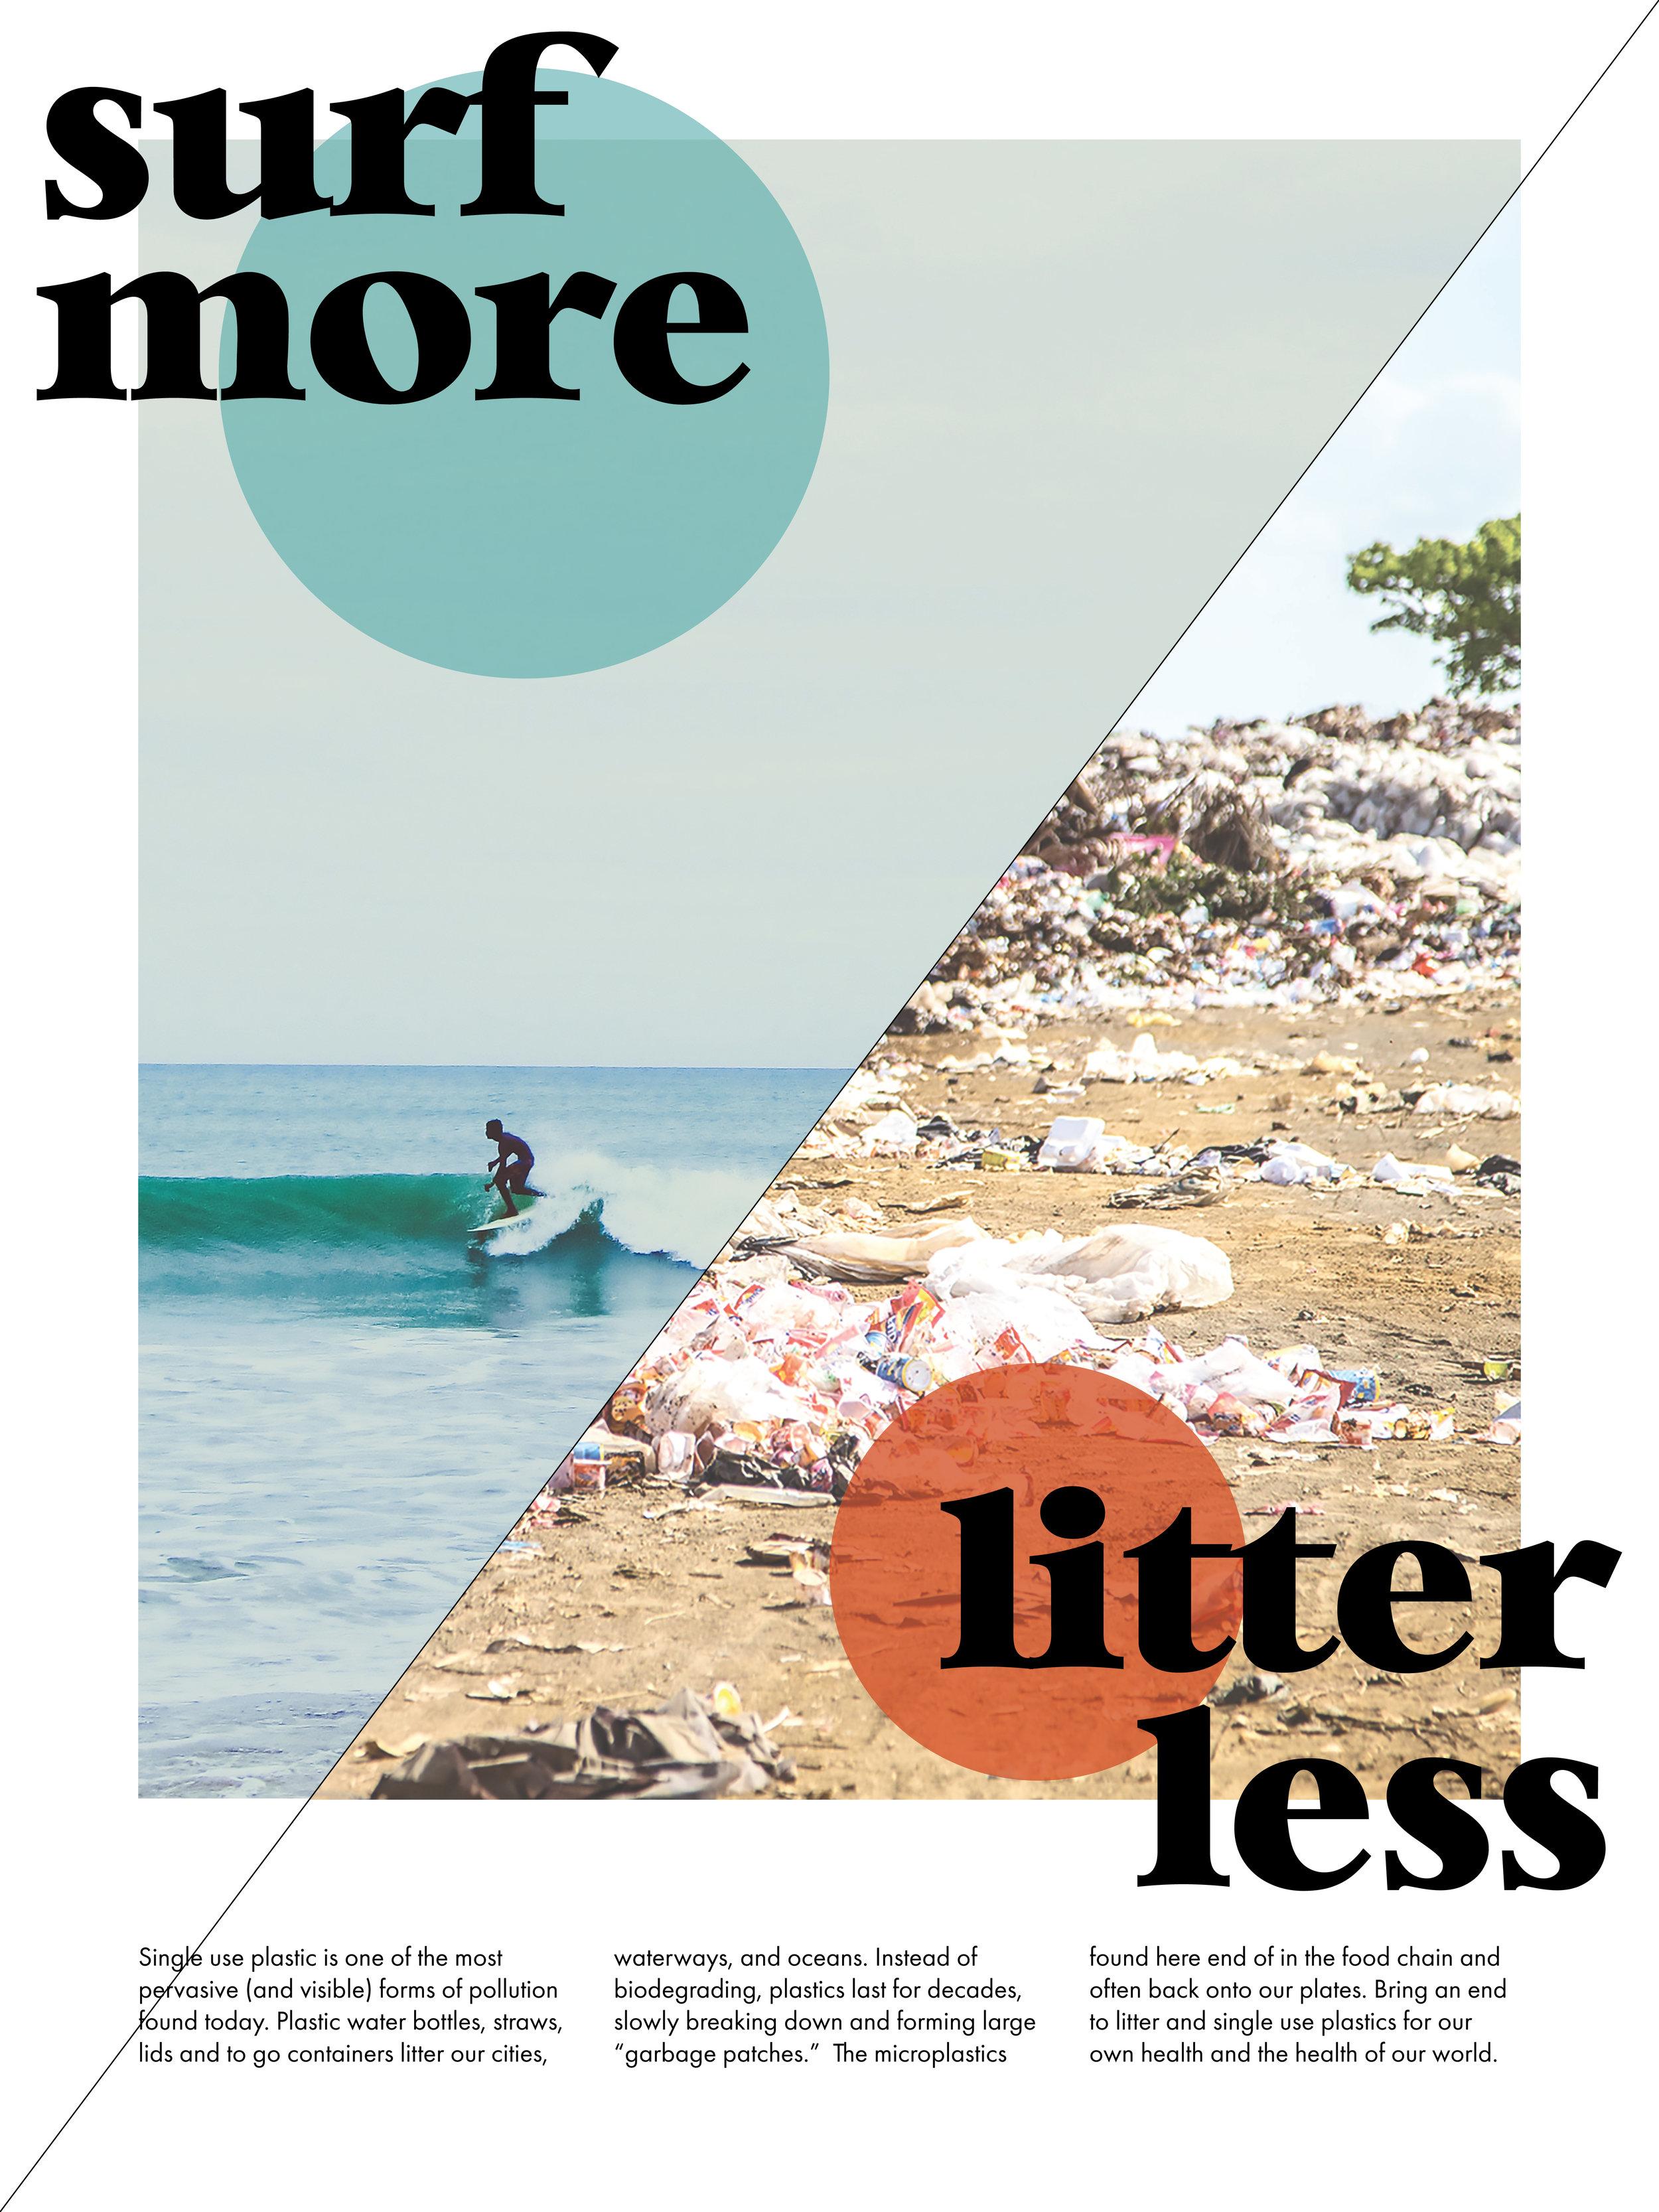 surf more-litter less-01.jpg